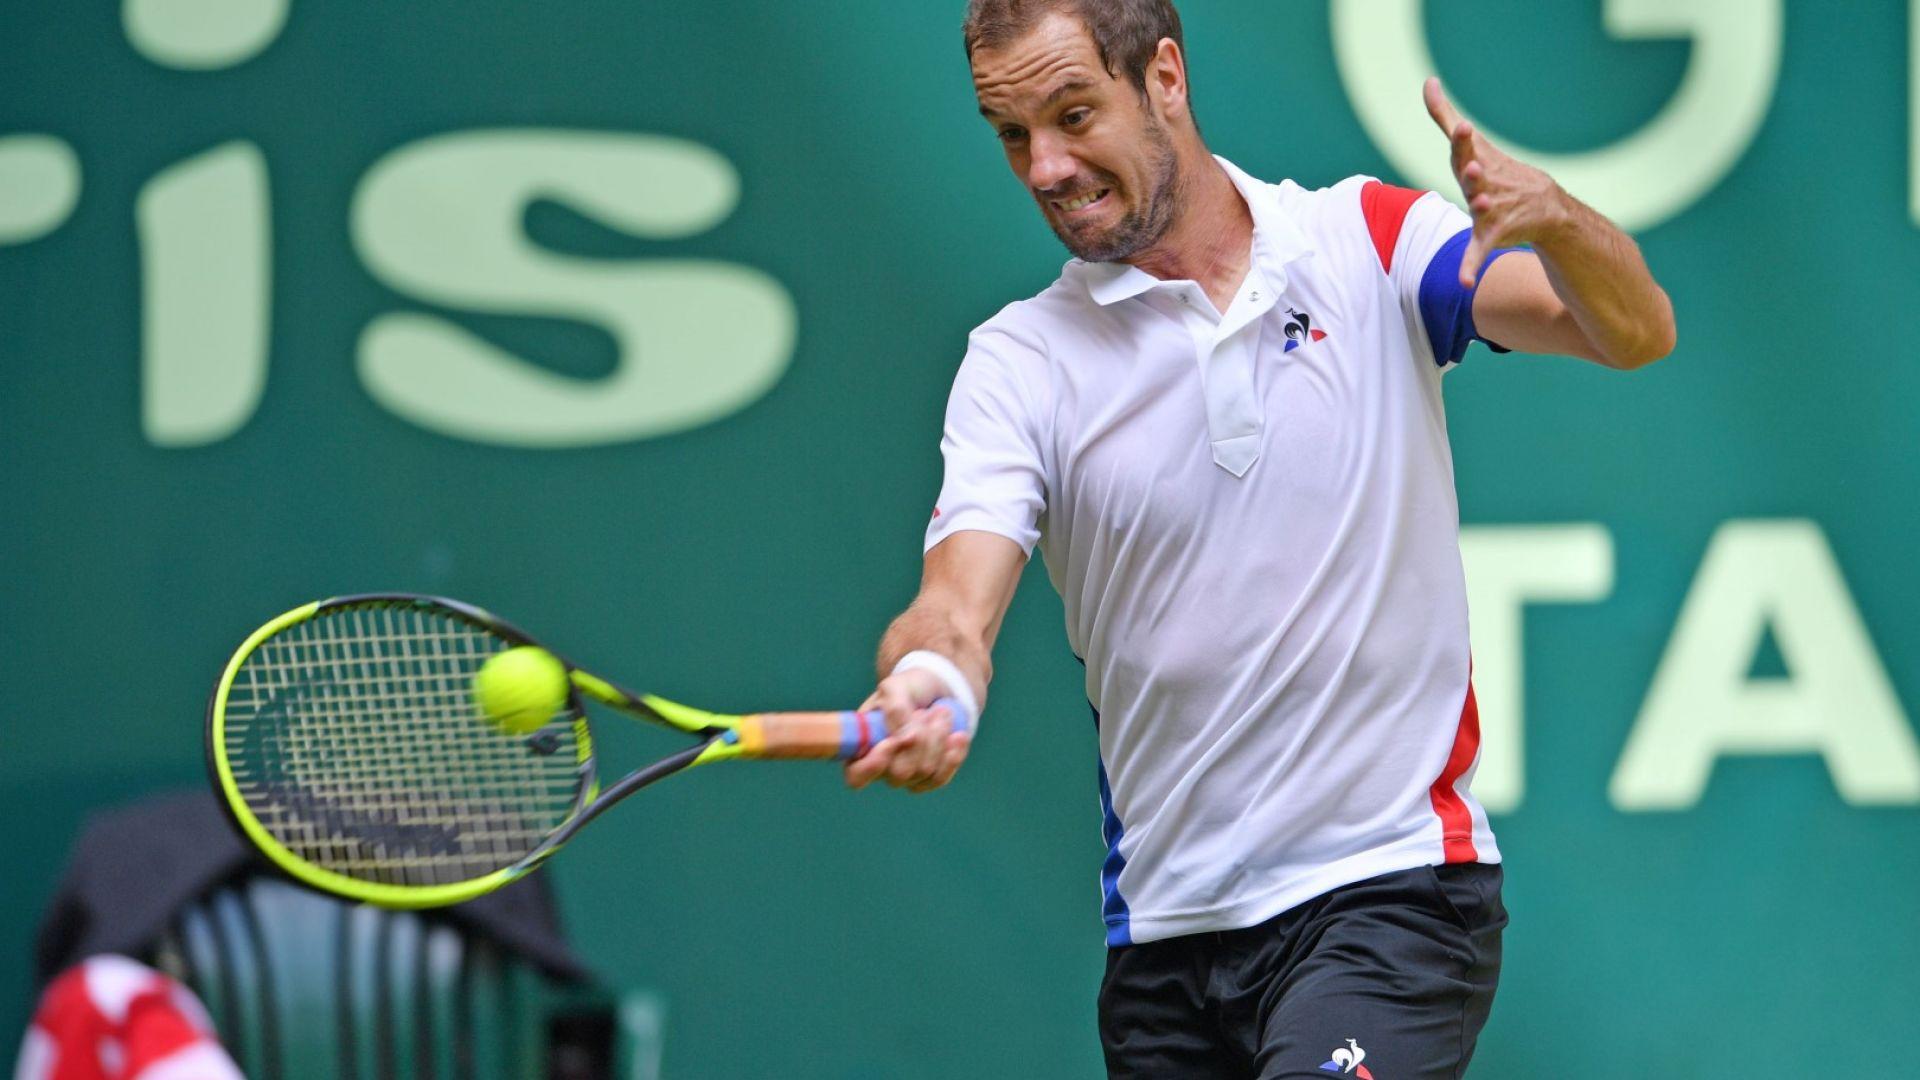 """Бивш играч от топ 10 нарече управлението на мъжкия тенис """"катастрофа"""""""